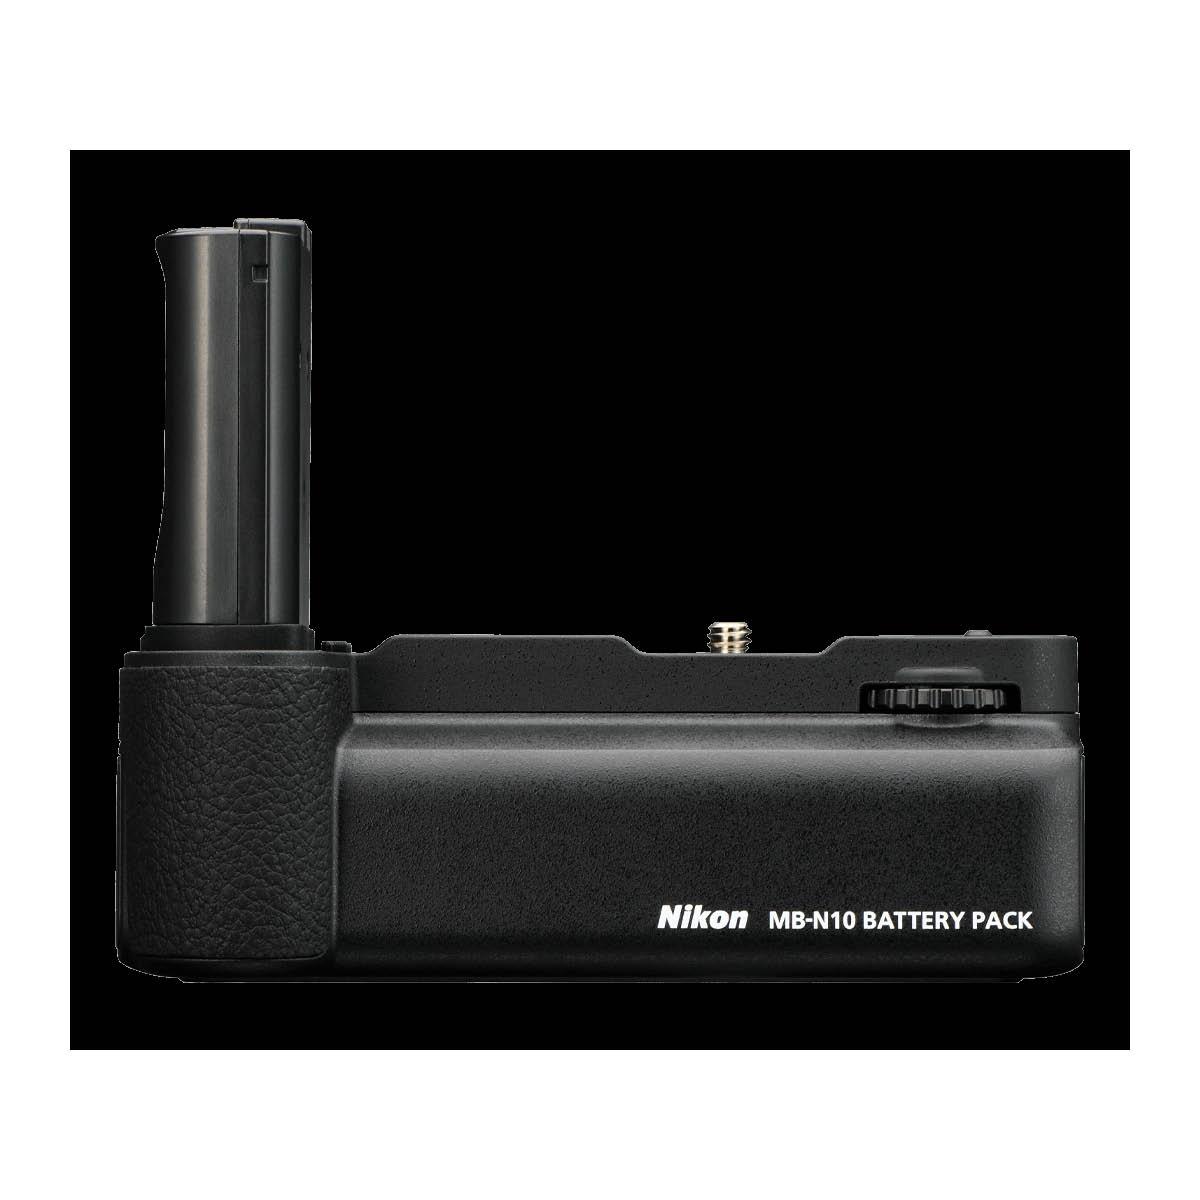 Nikon MB-N 10 Batteriegriff für Nikon Z6/Z7